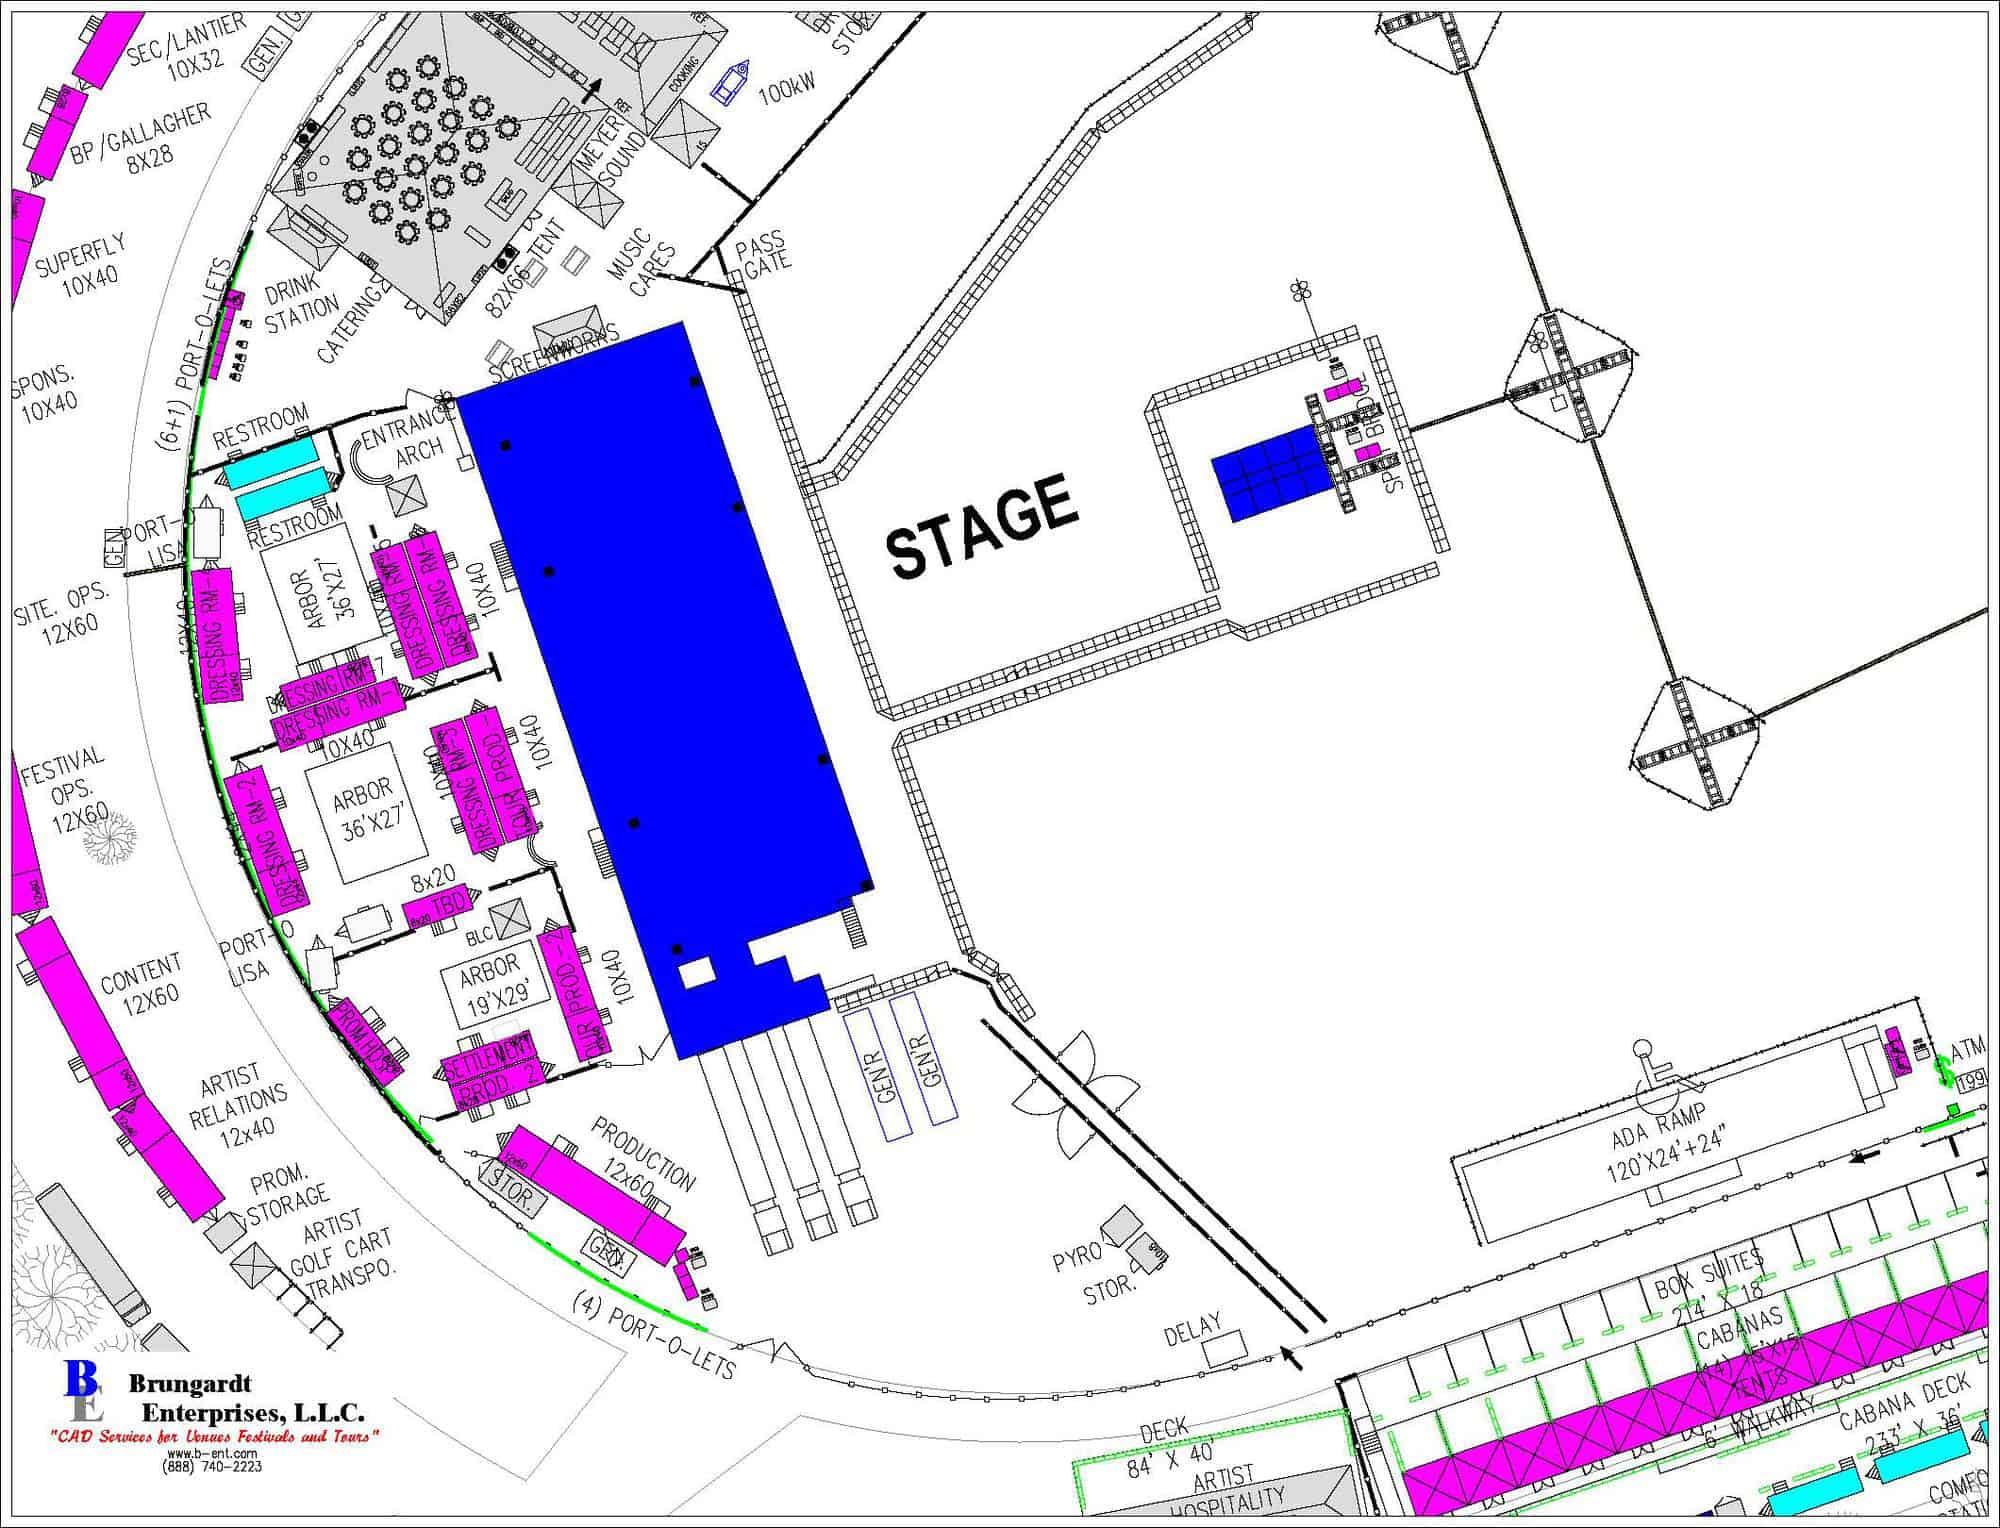 Plan view OSL